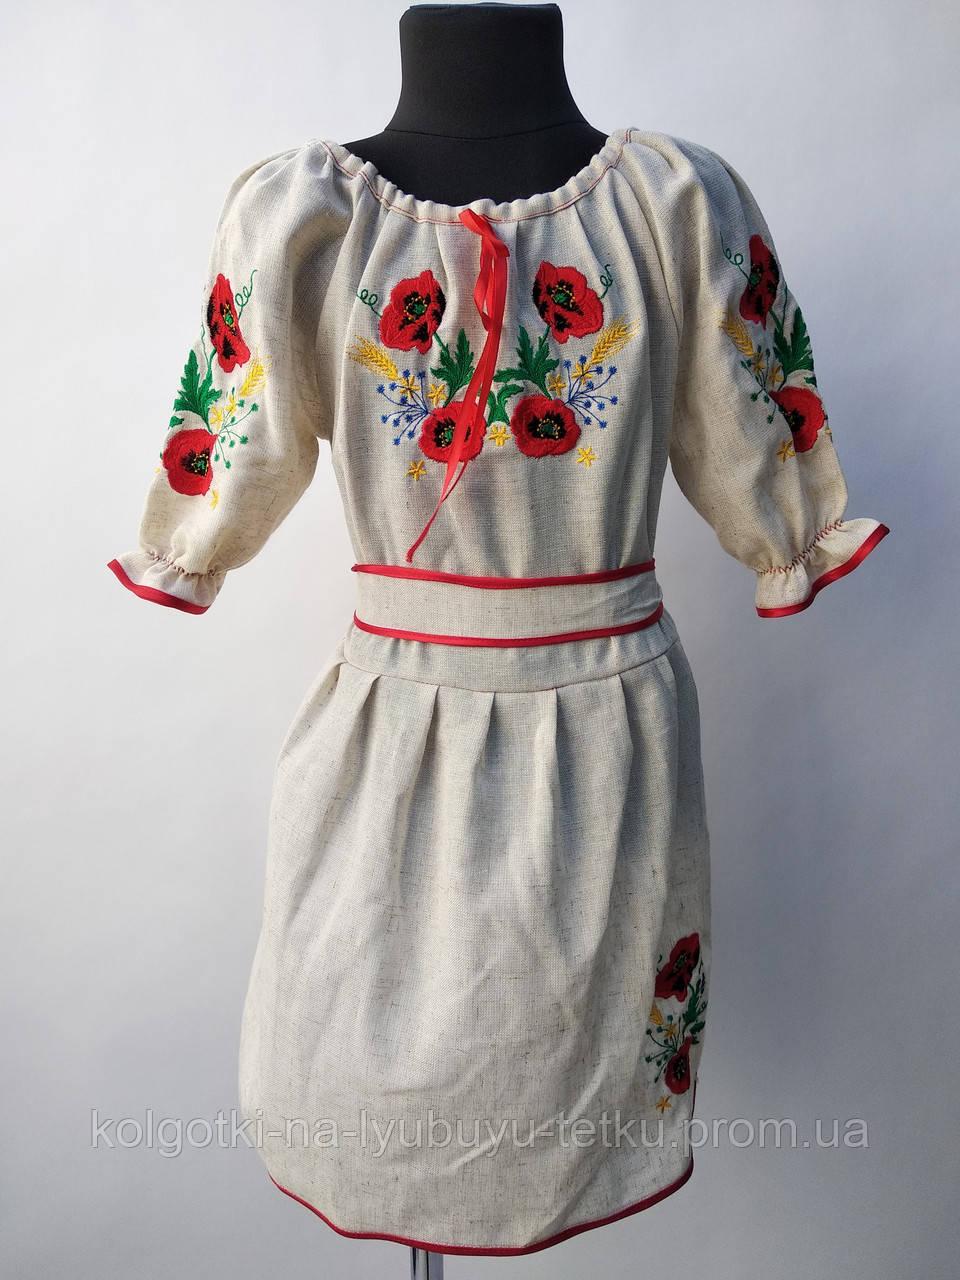 34c95b1d776923 Вишиті плаття для дівчаток віком від 2 до 12 років. П04. : Цена 300 ...